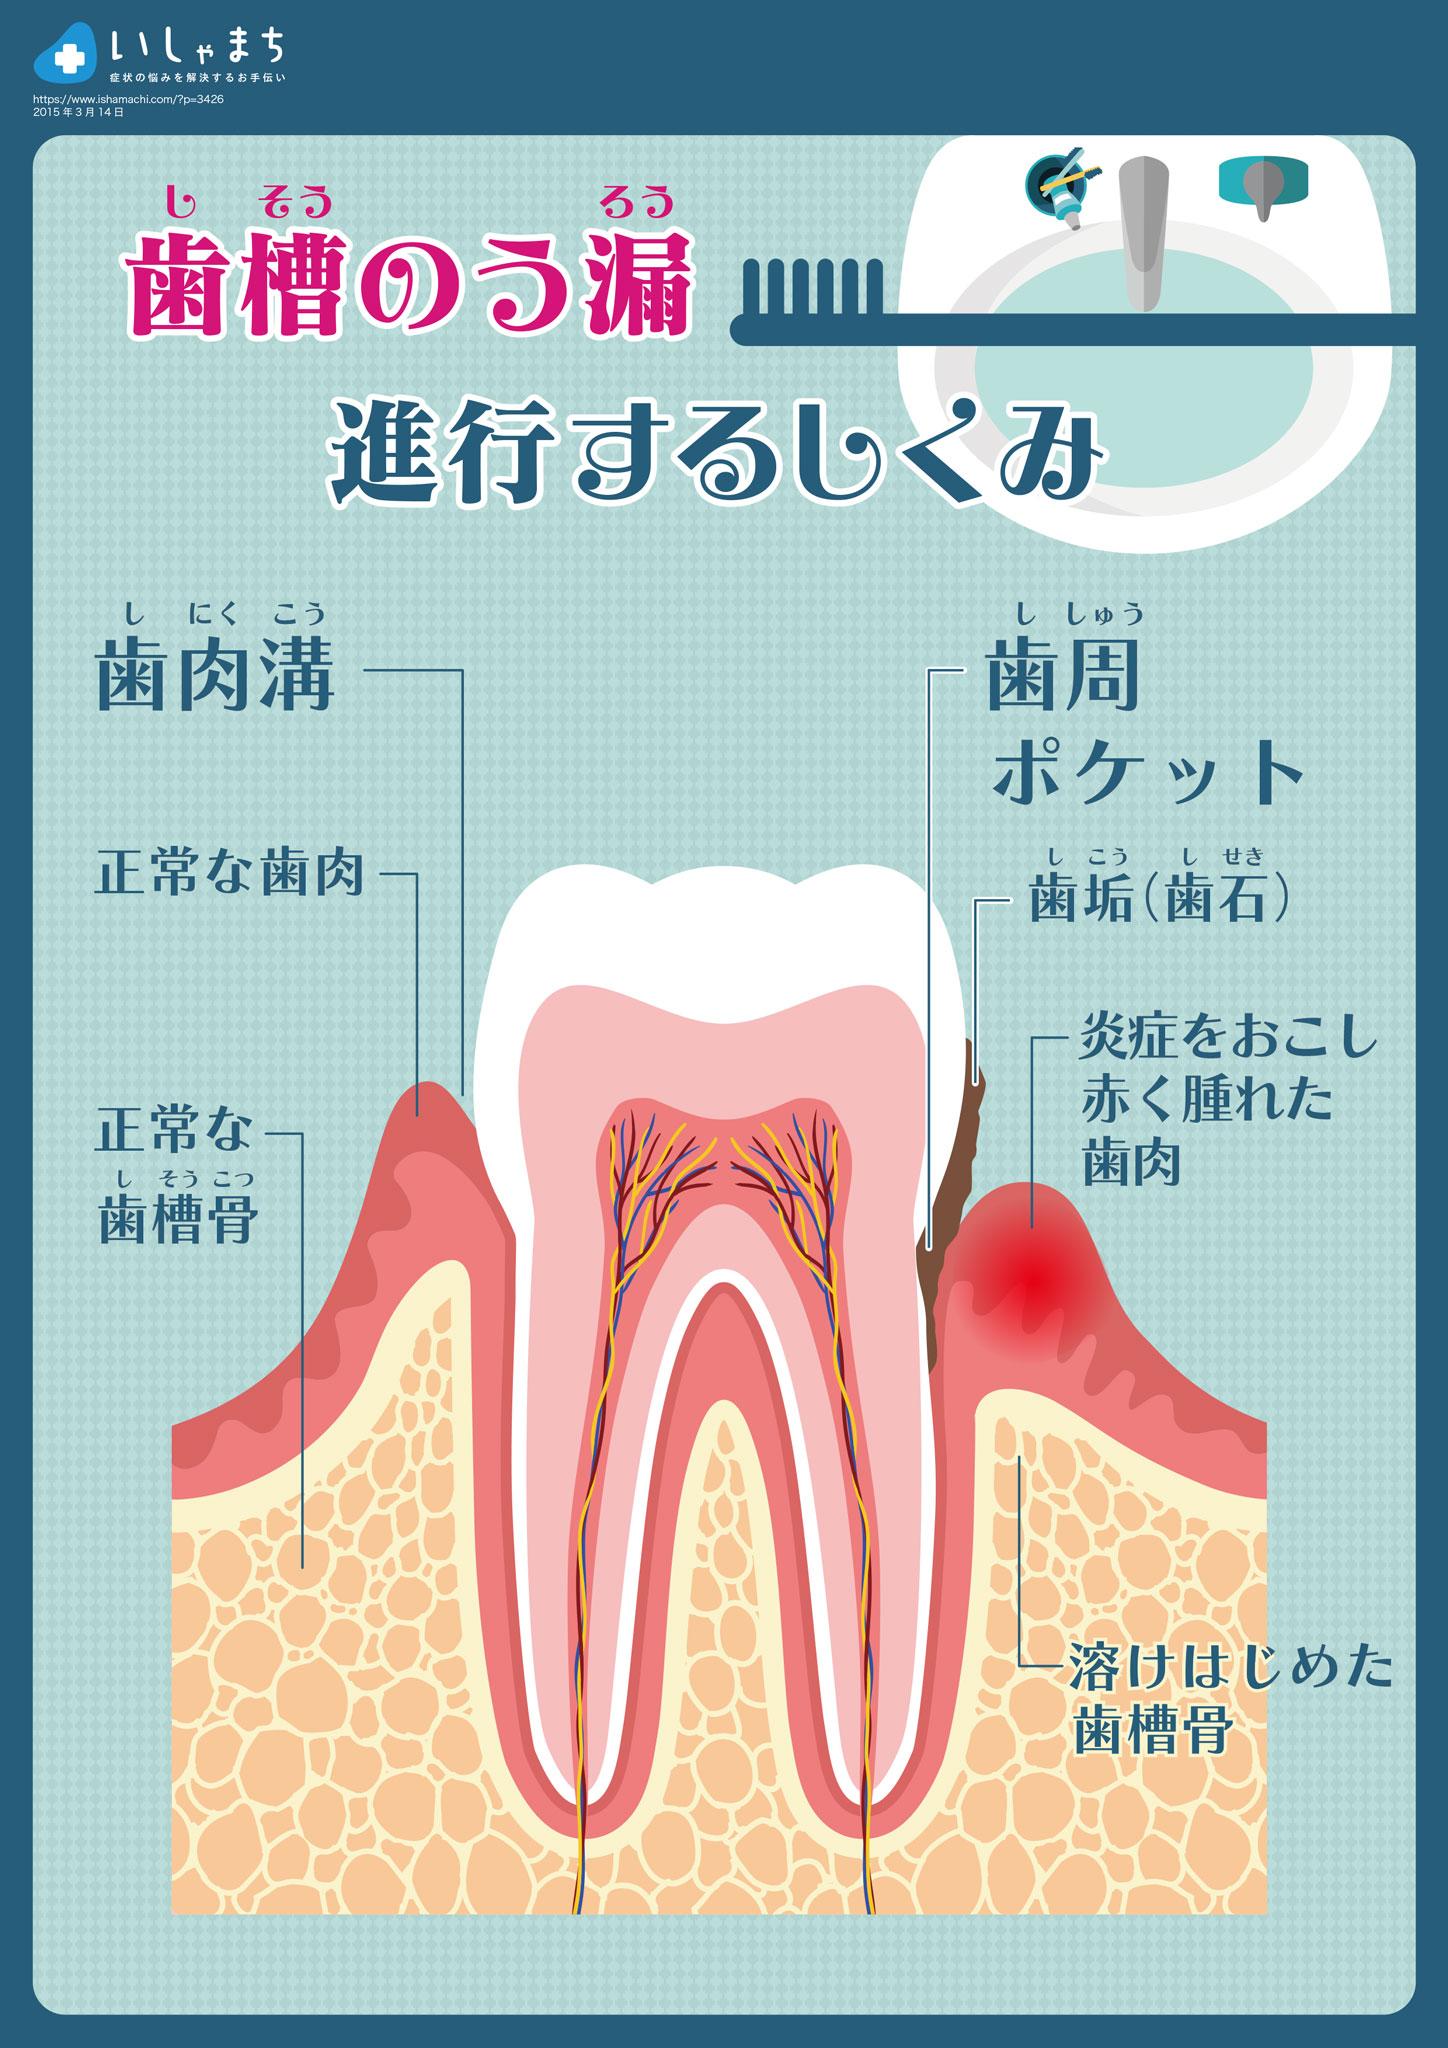 歯槽のう漏のしくみ